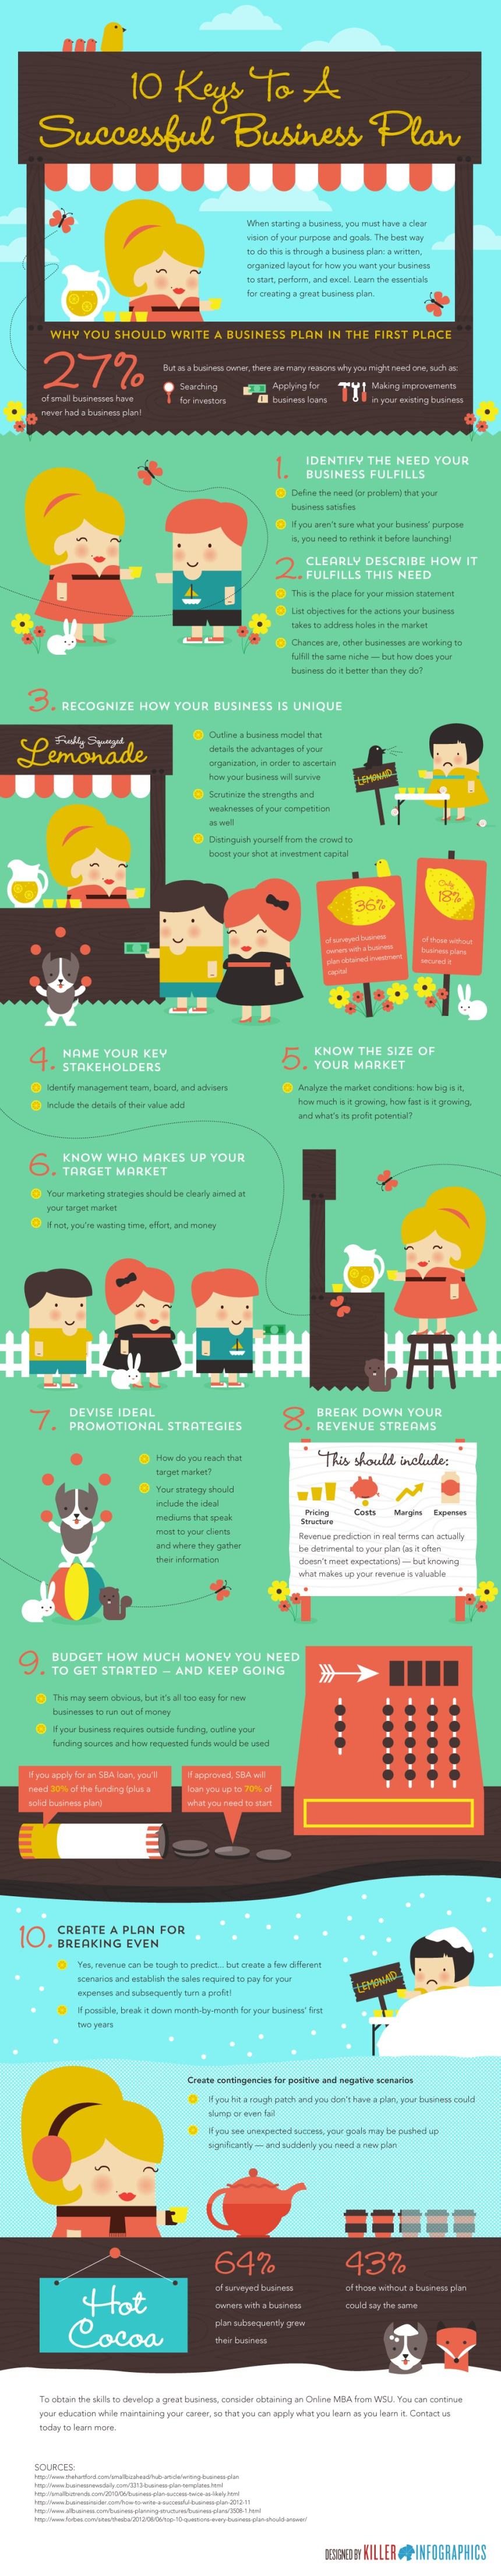 10 claves para crear un Plan de Empresa de éxito